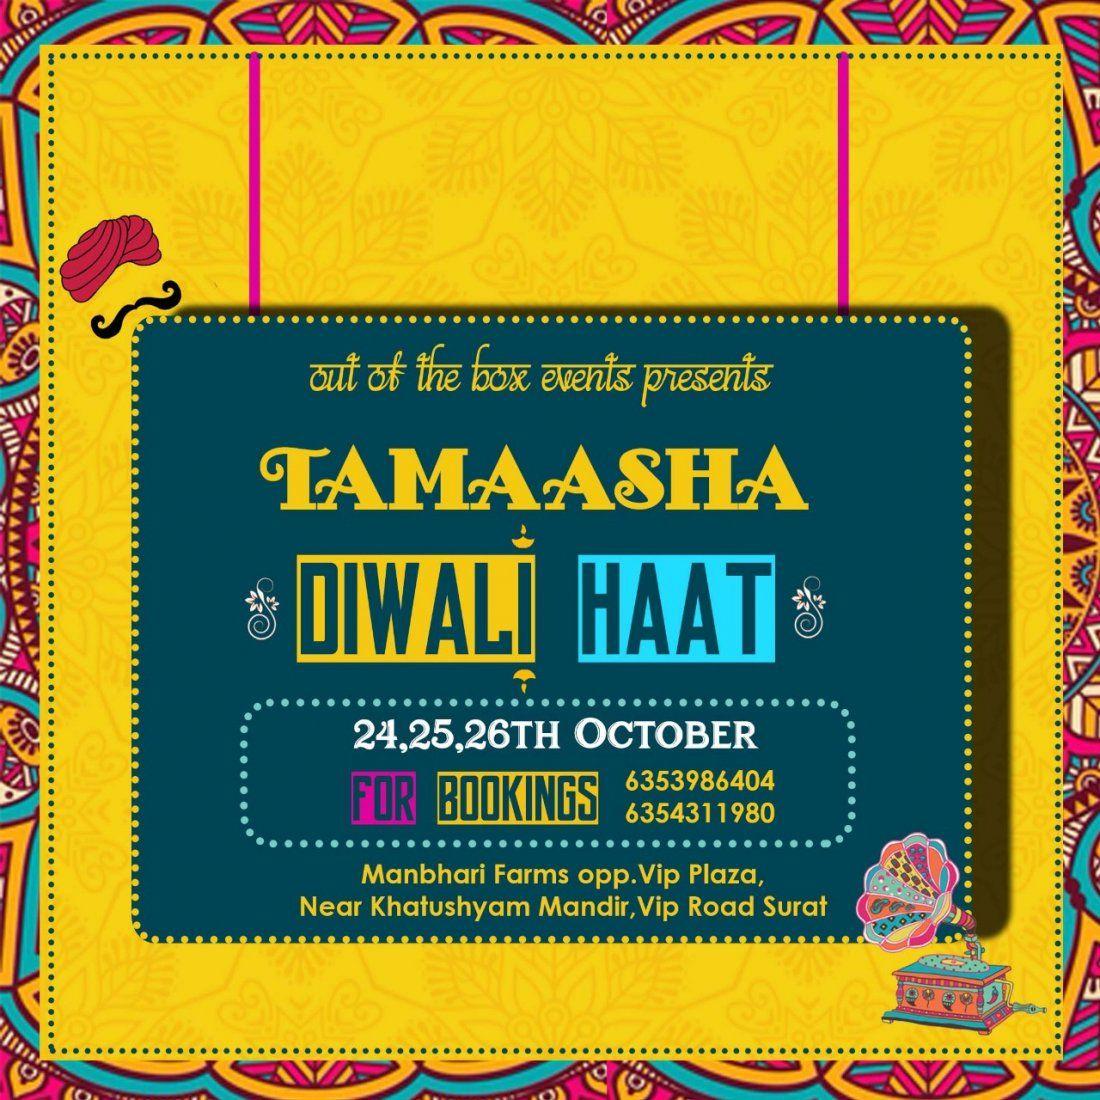 Tamaasha Diwali Haat